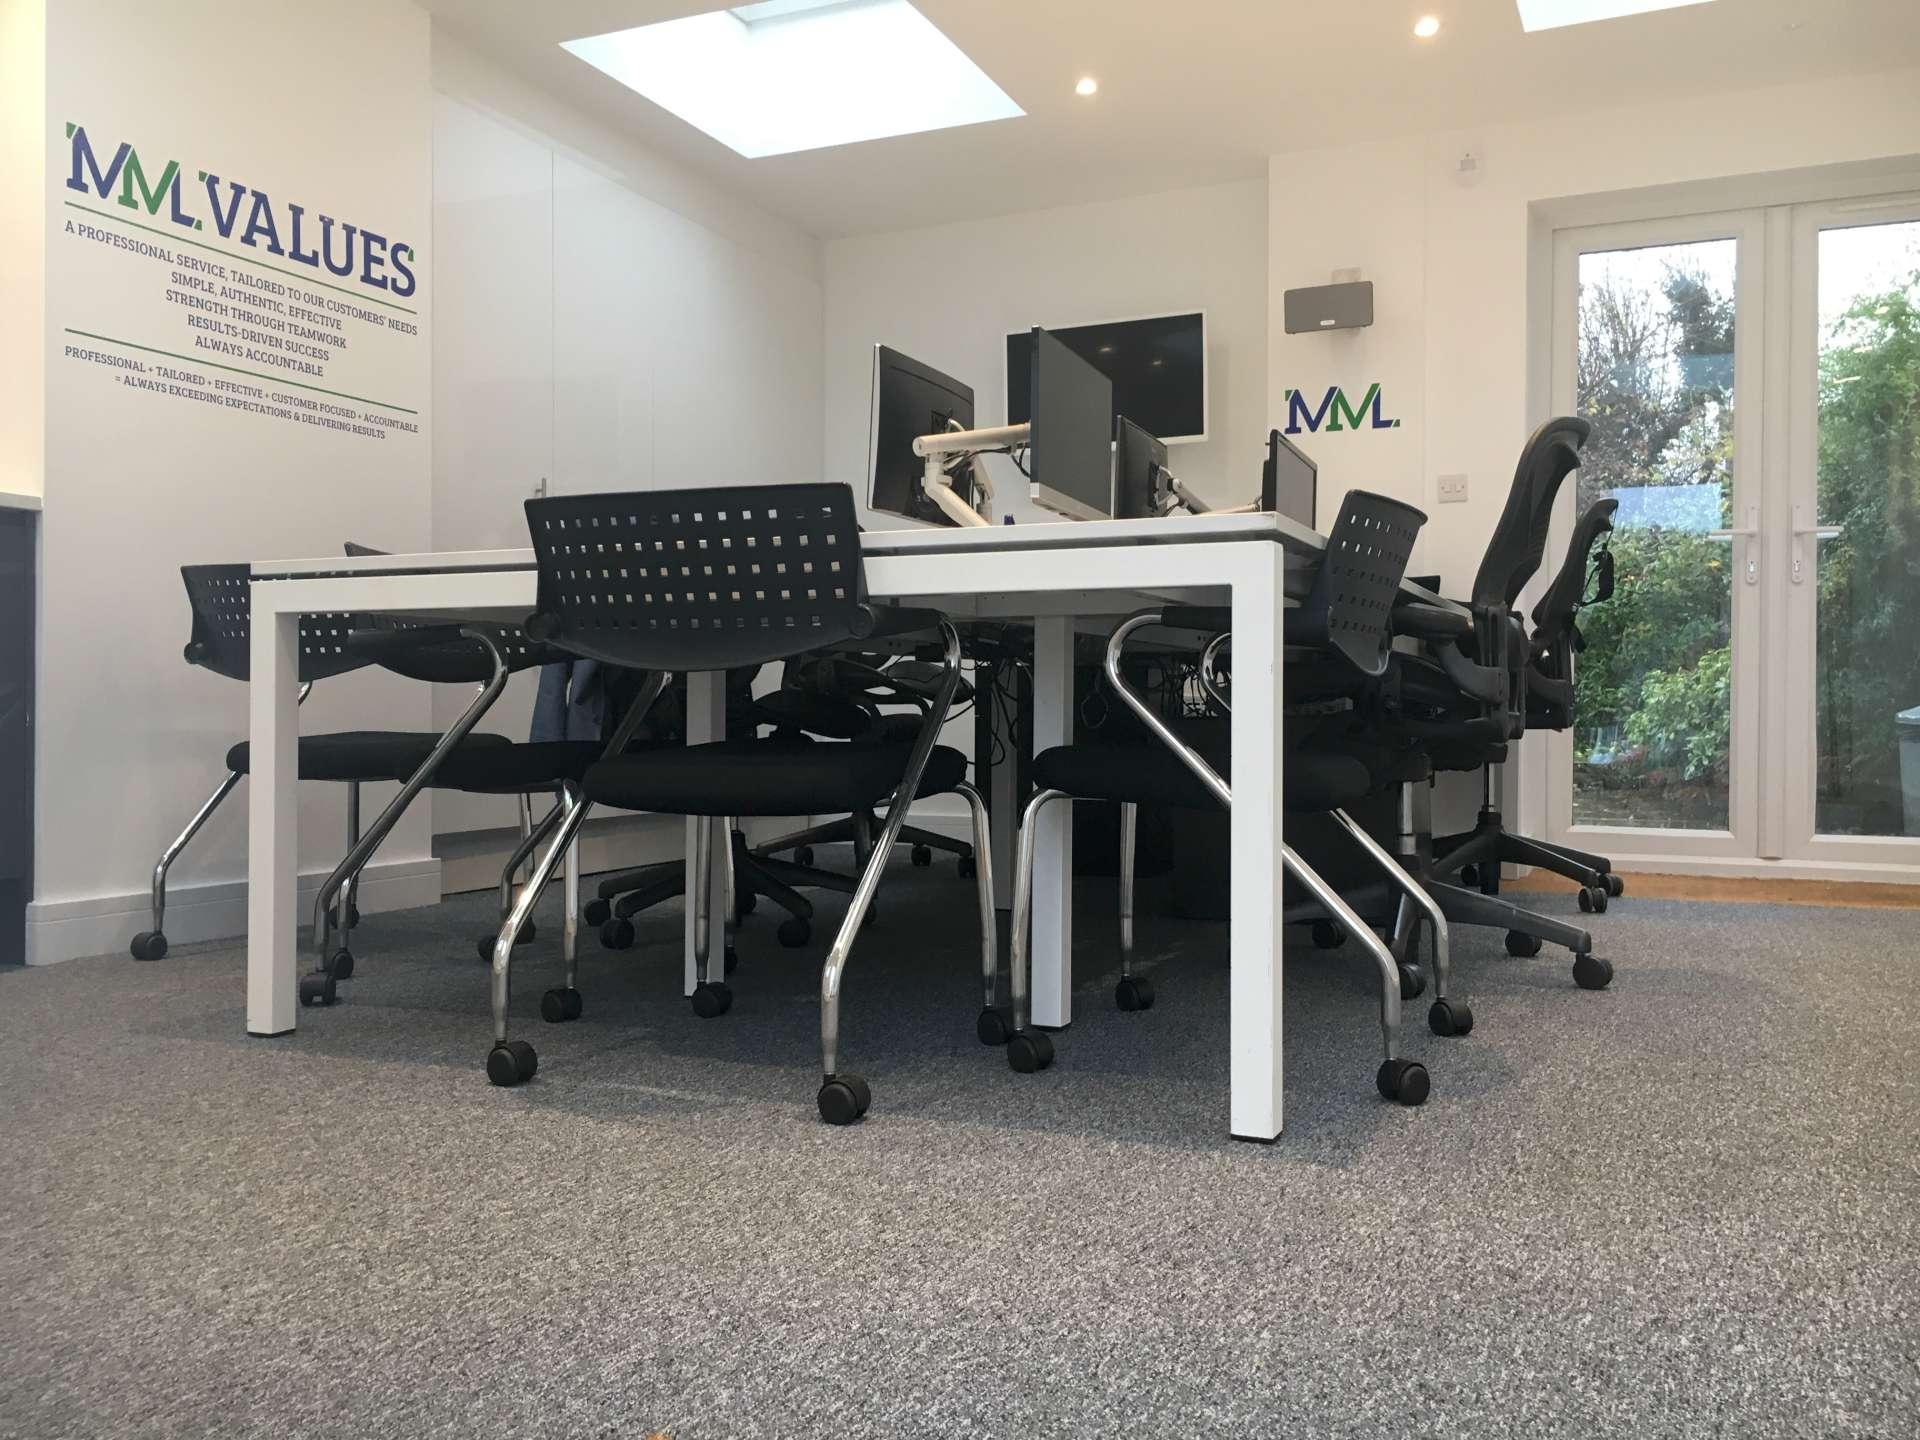 Carpet-Tiles-for-an-office-21920